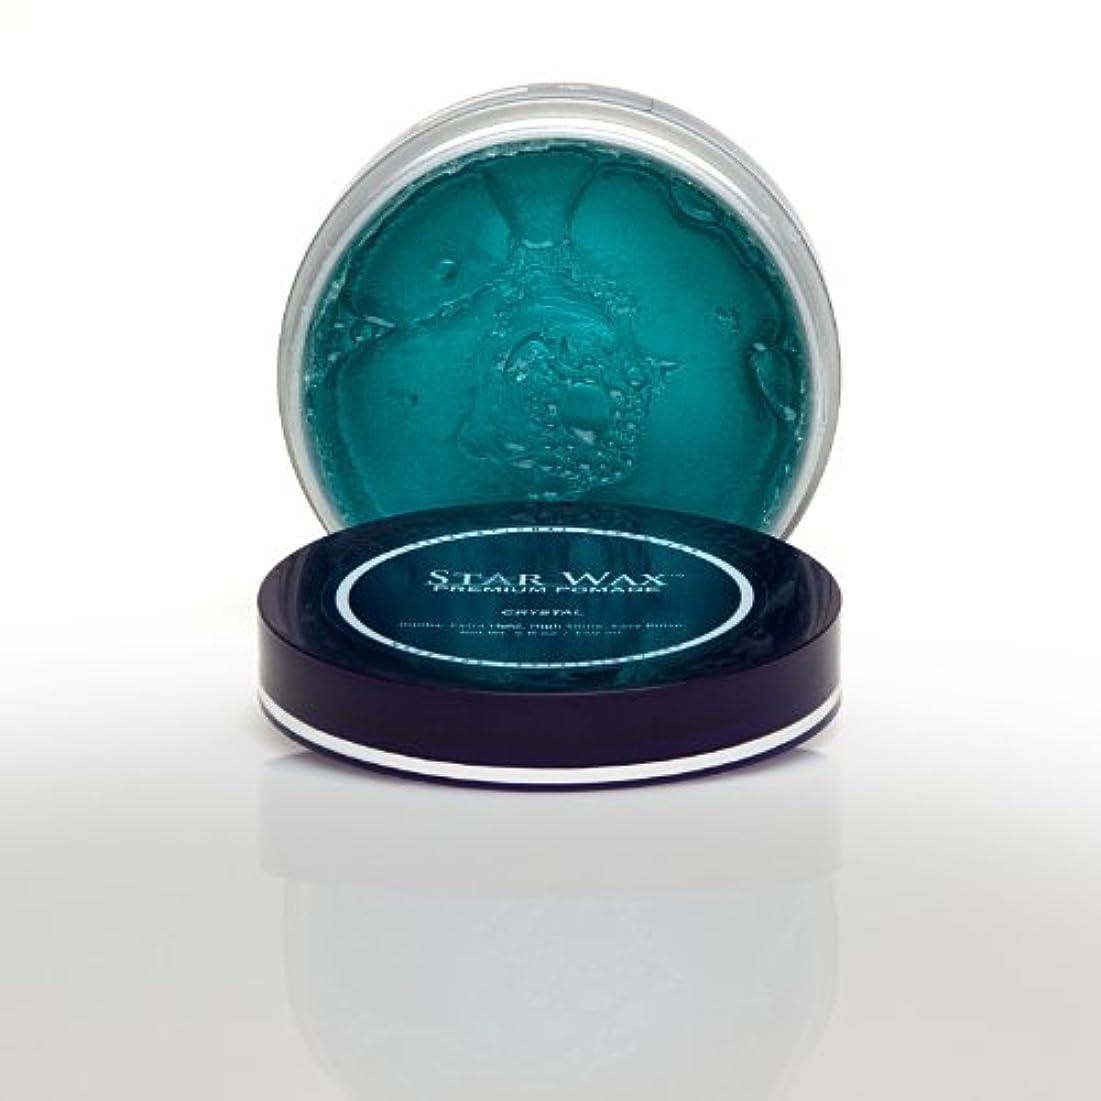 厚さアクティブ案件Star Wax | Premium Pomade, Crystal(スターワックスプレミアム ポマード「クリスタル」)?Star Pro Line(スタープロライン)製?5(液量)オンス/150ml